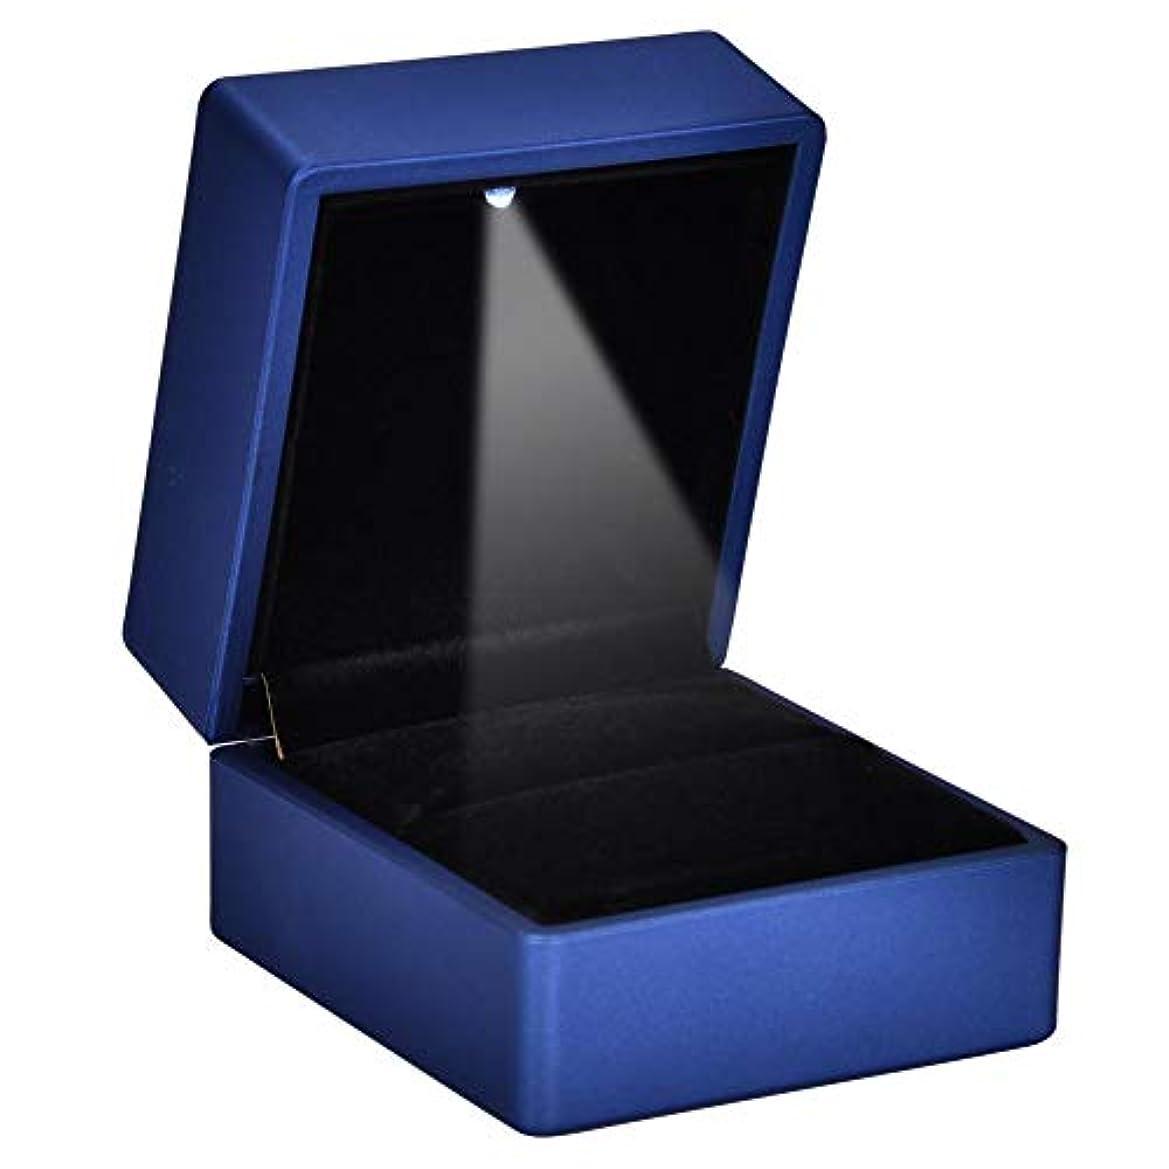 頑固な重要性クラフト2種類ファッショナブルなLEDリングボックス - 内部LED照明付きリングケース、ジュエリーホルダーリング収納ケース、結婚式の提案(ブルー-90 * 70 * 35)